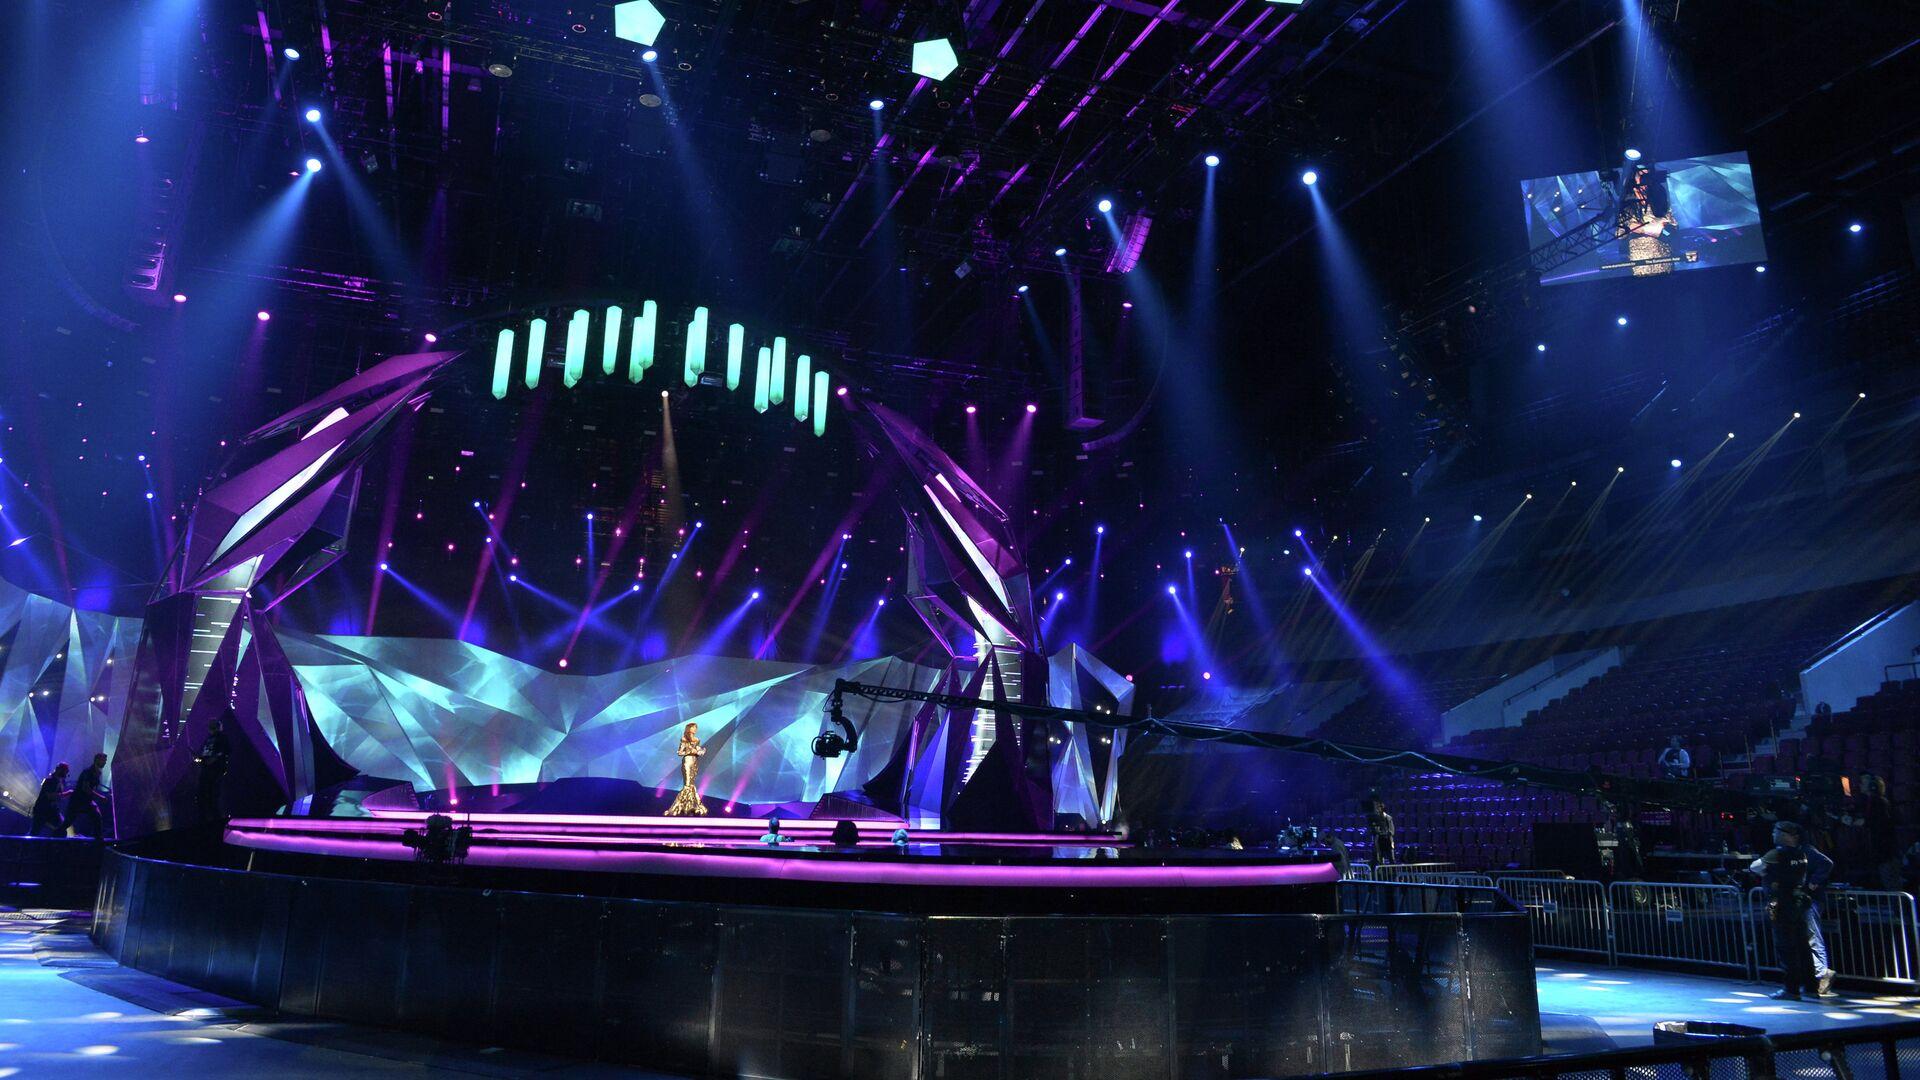 Международный конкурс песни Евровидение-2013 - РИА Новости, 1920, 07.03.2021